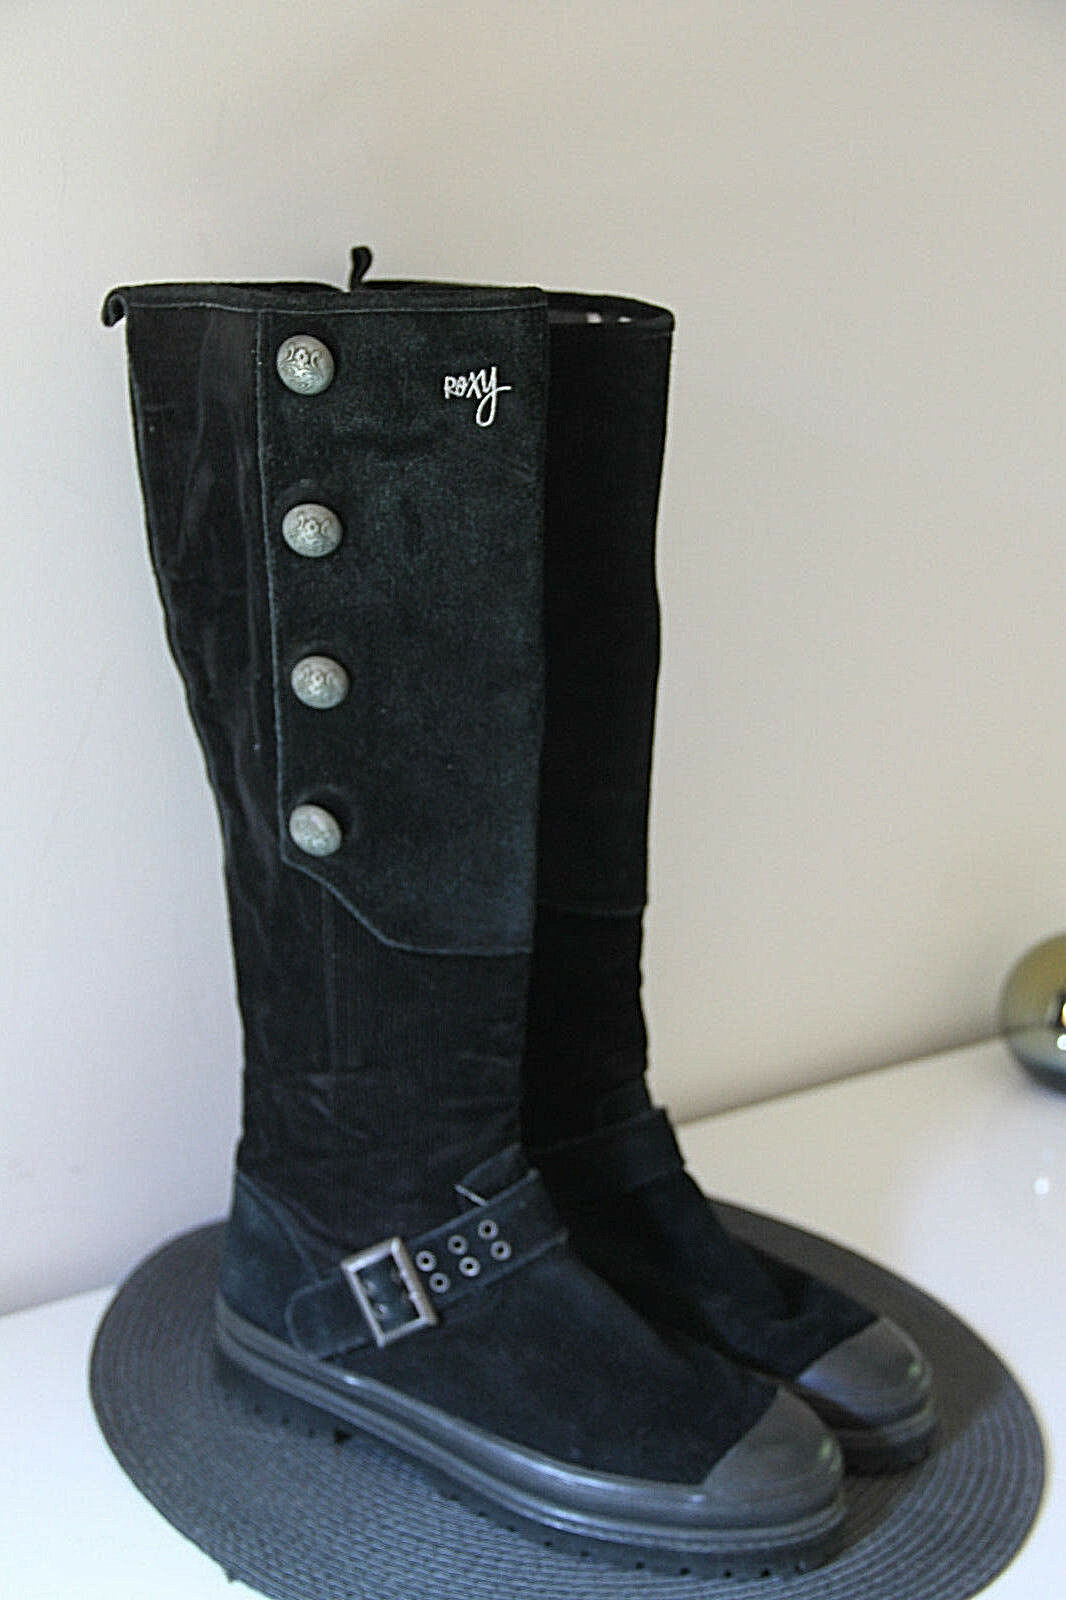 Carini stivali alte bi-materiale black ROXY taglia 38 in perfette condizioni